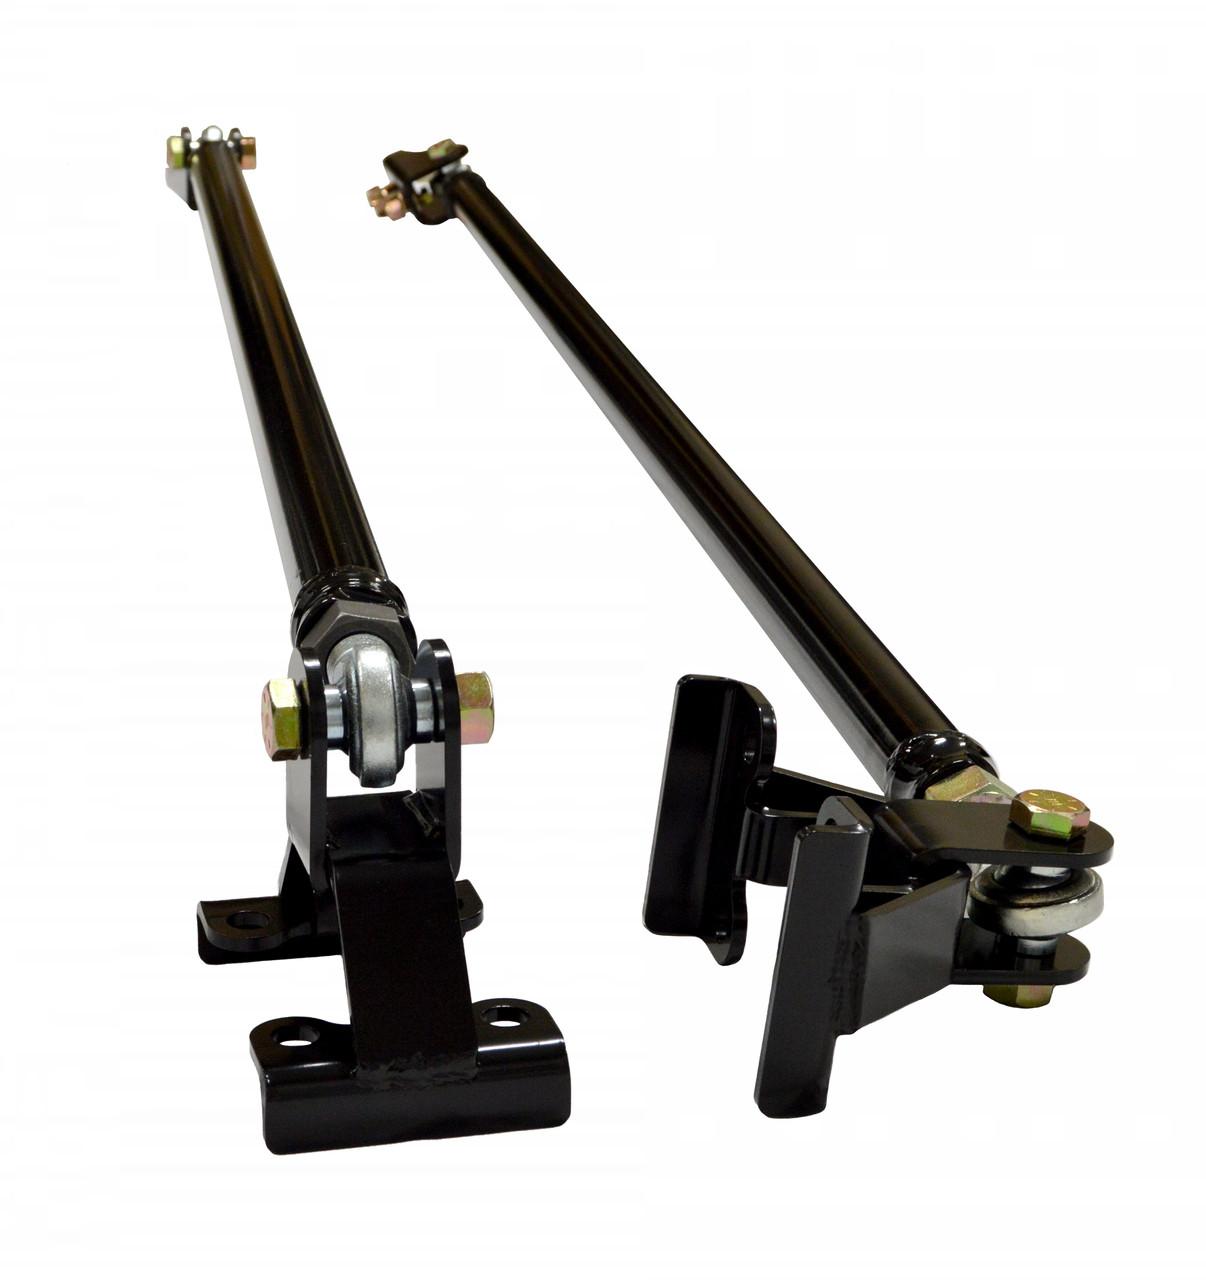 Standard Grade Rod Ends, Standard Grade Brackets